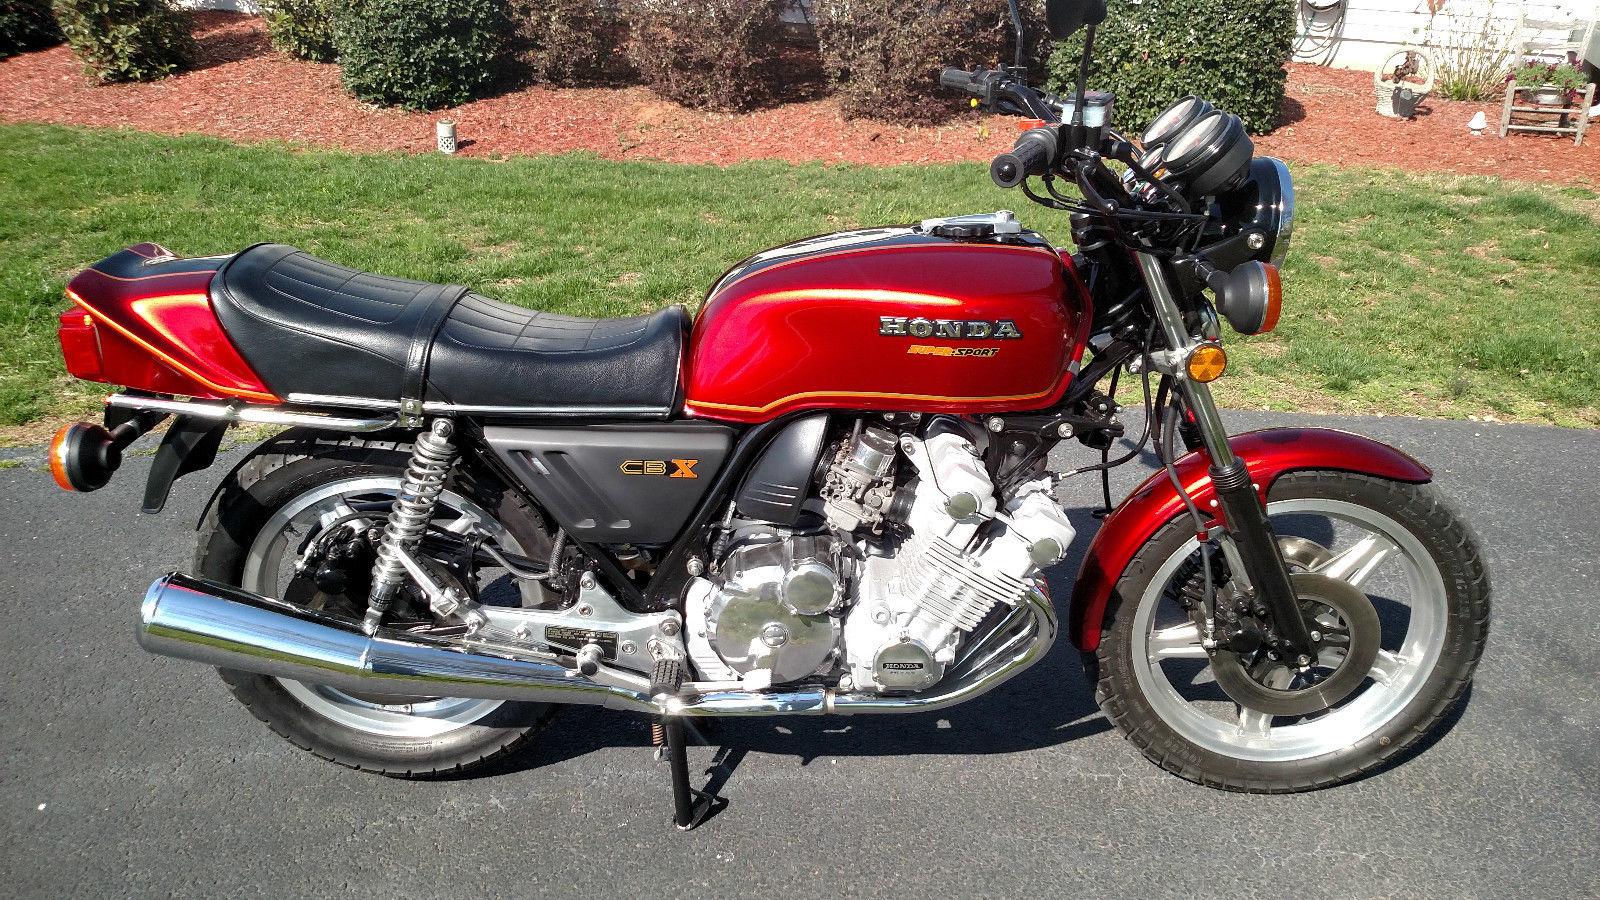 Hondacbx on 1978 Suzuki Gs550 Parts